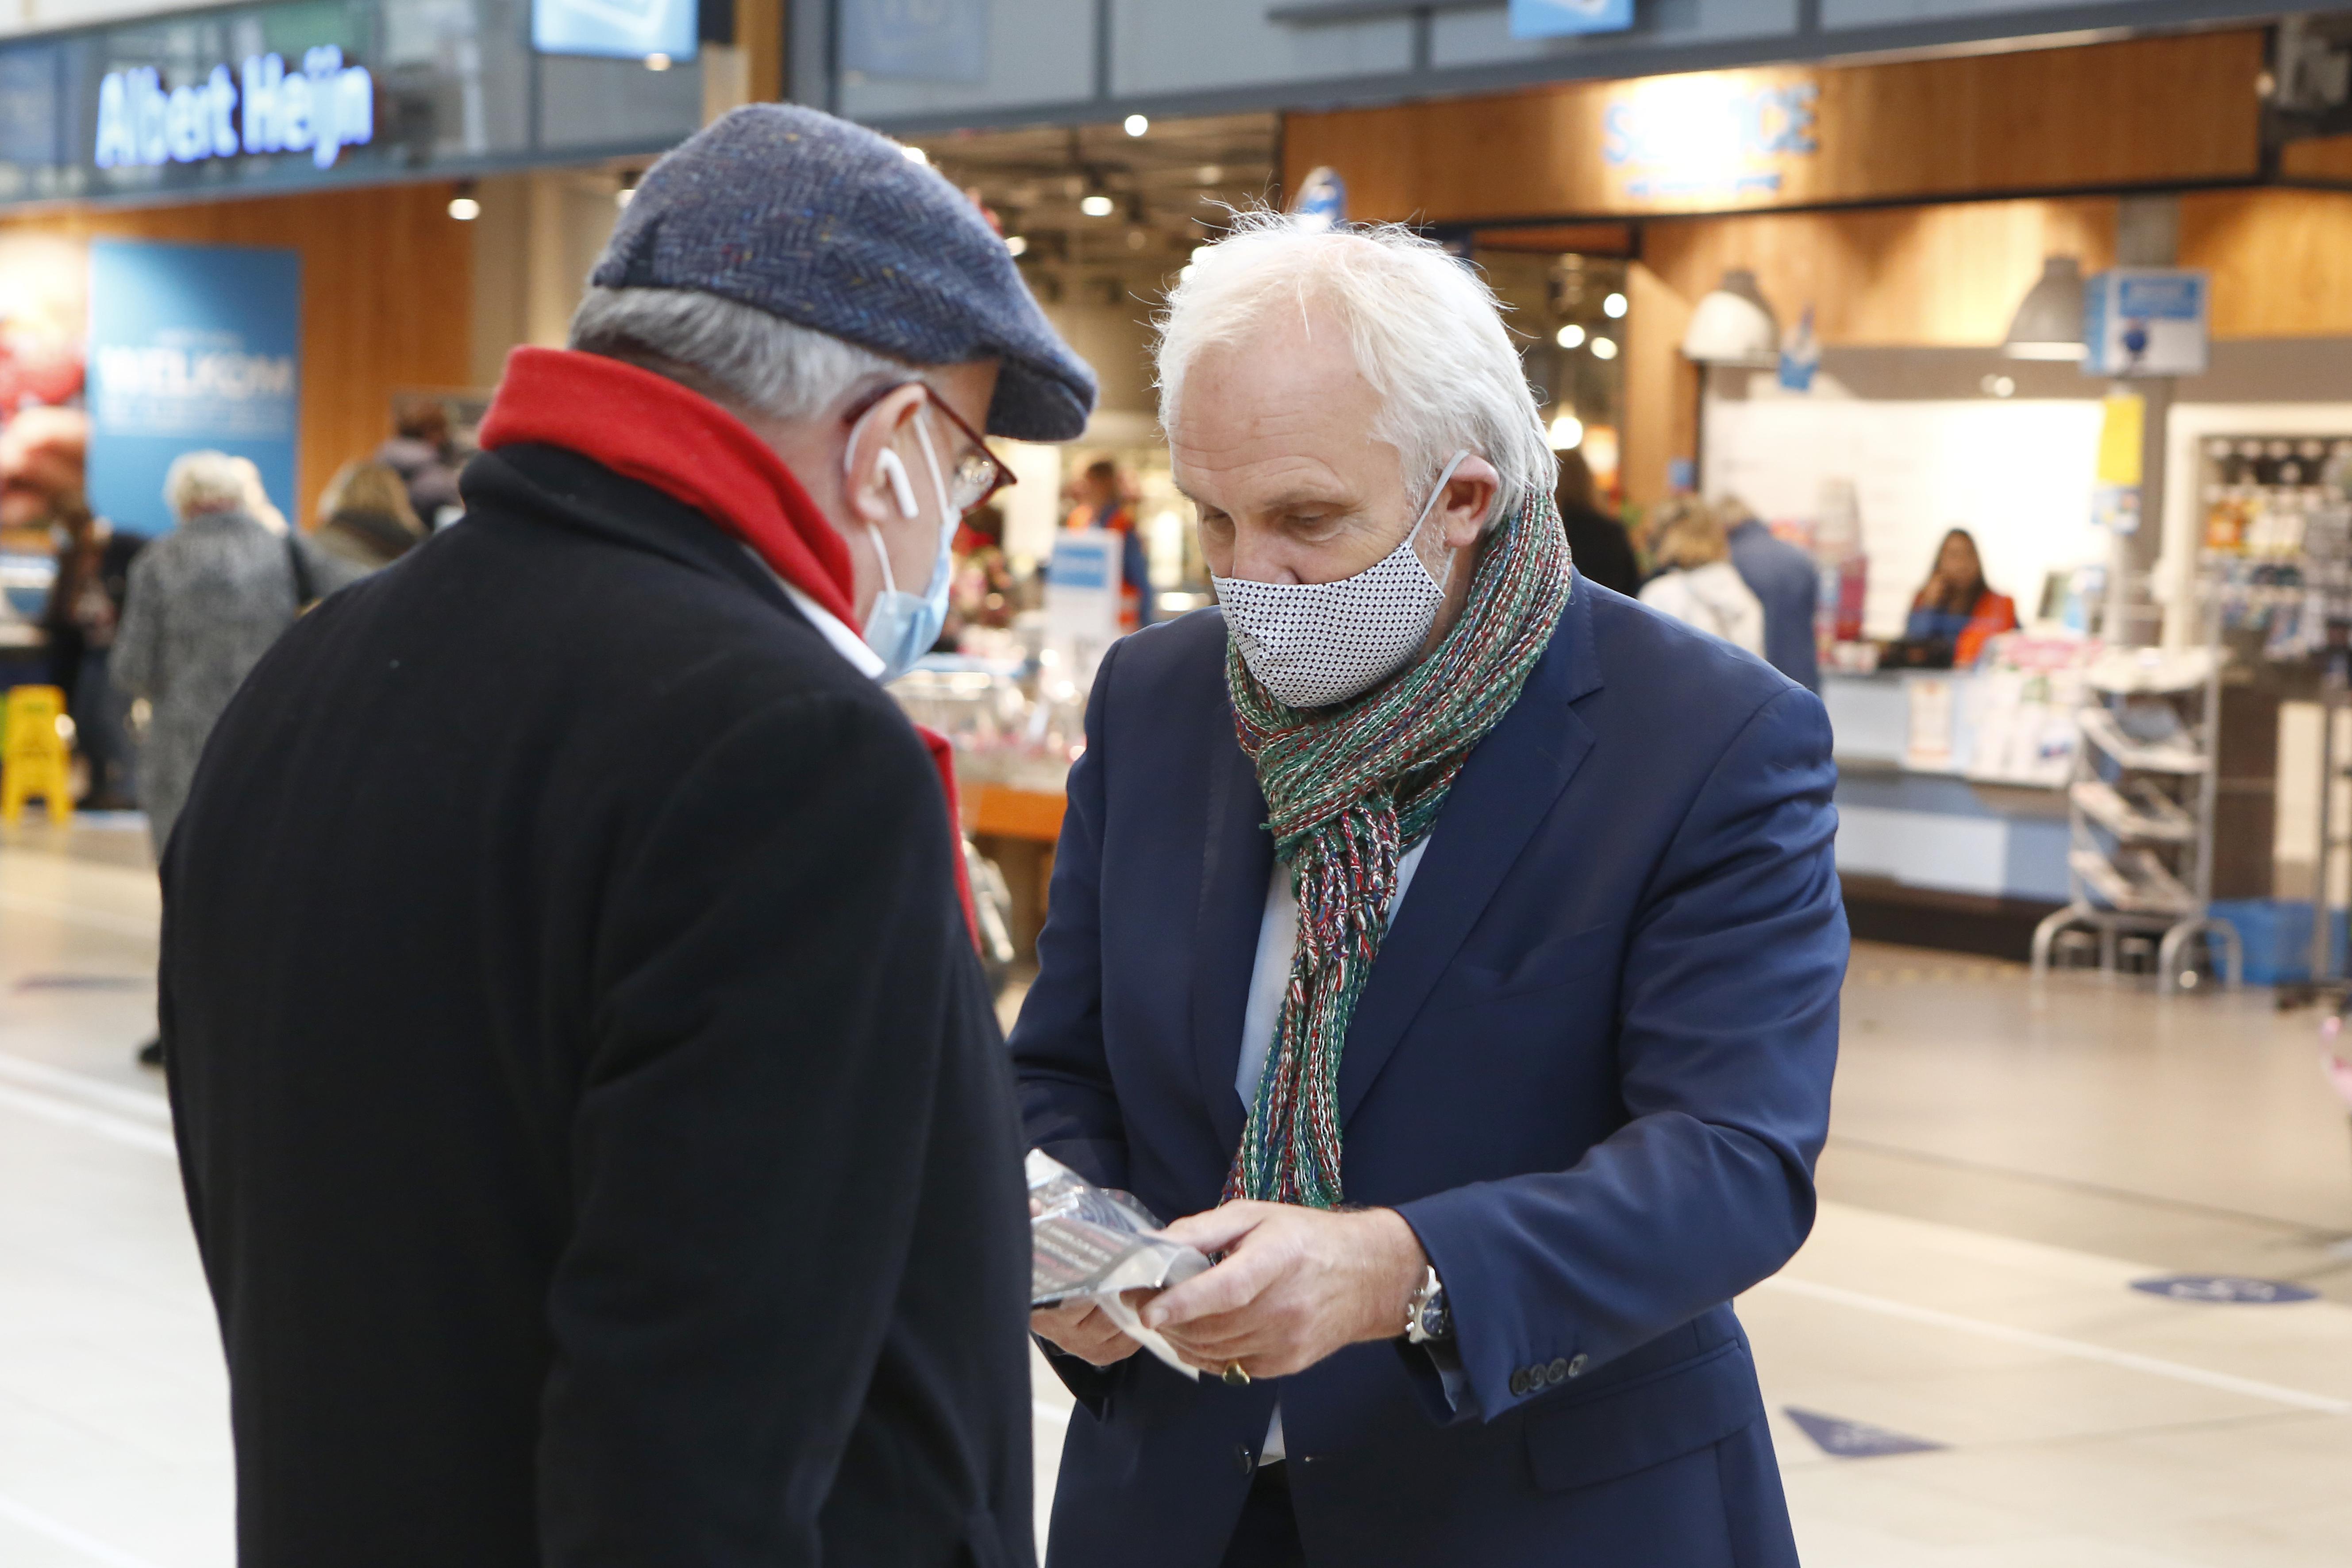 De ernstige zorgen van Hilversums burgemeester Broertjes over de tweede coronagolf in het Gooi. 'De angst komt dichterbij. Ook vrienden van mijn zoon zijn nu besmet'